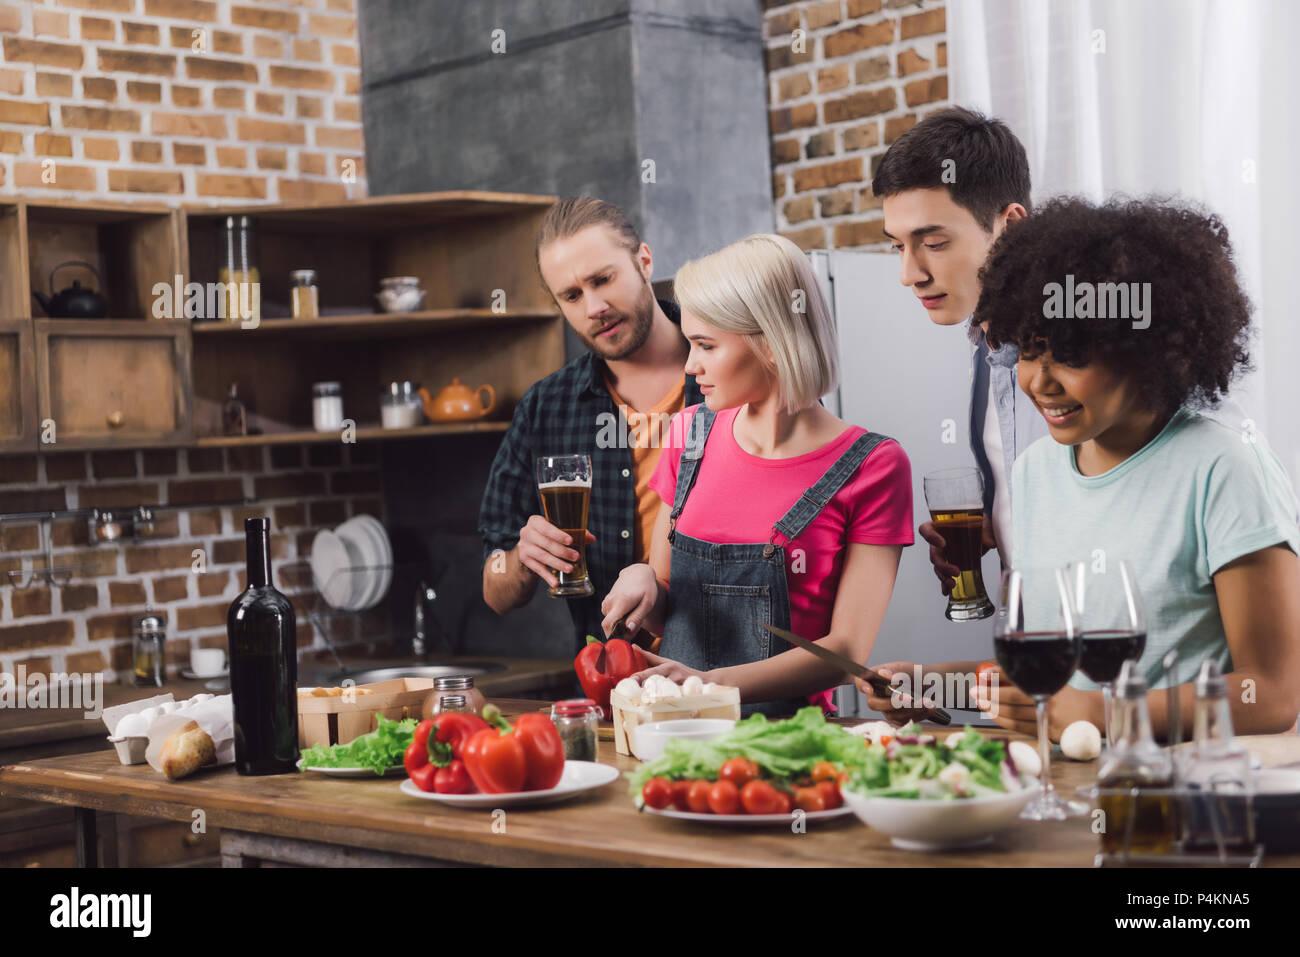 men with beer looking how multiethnic girls cooking - Stock Image